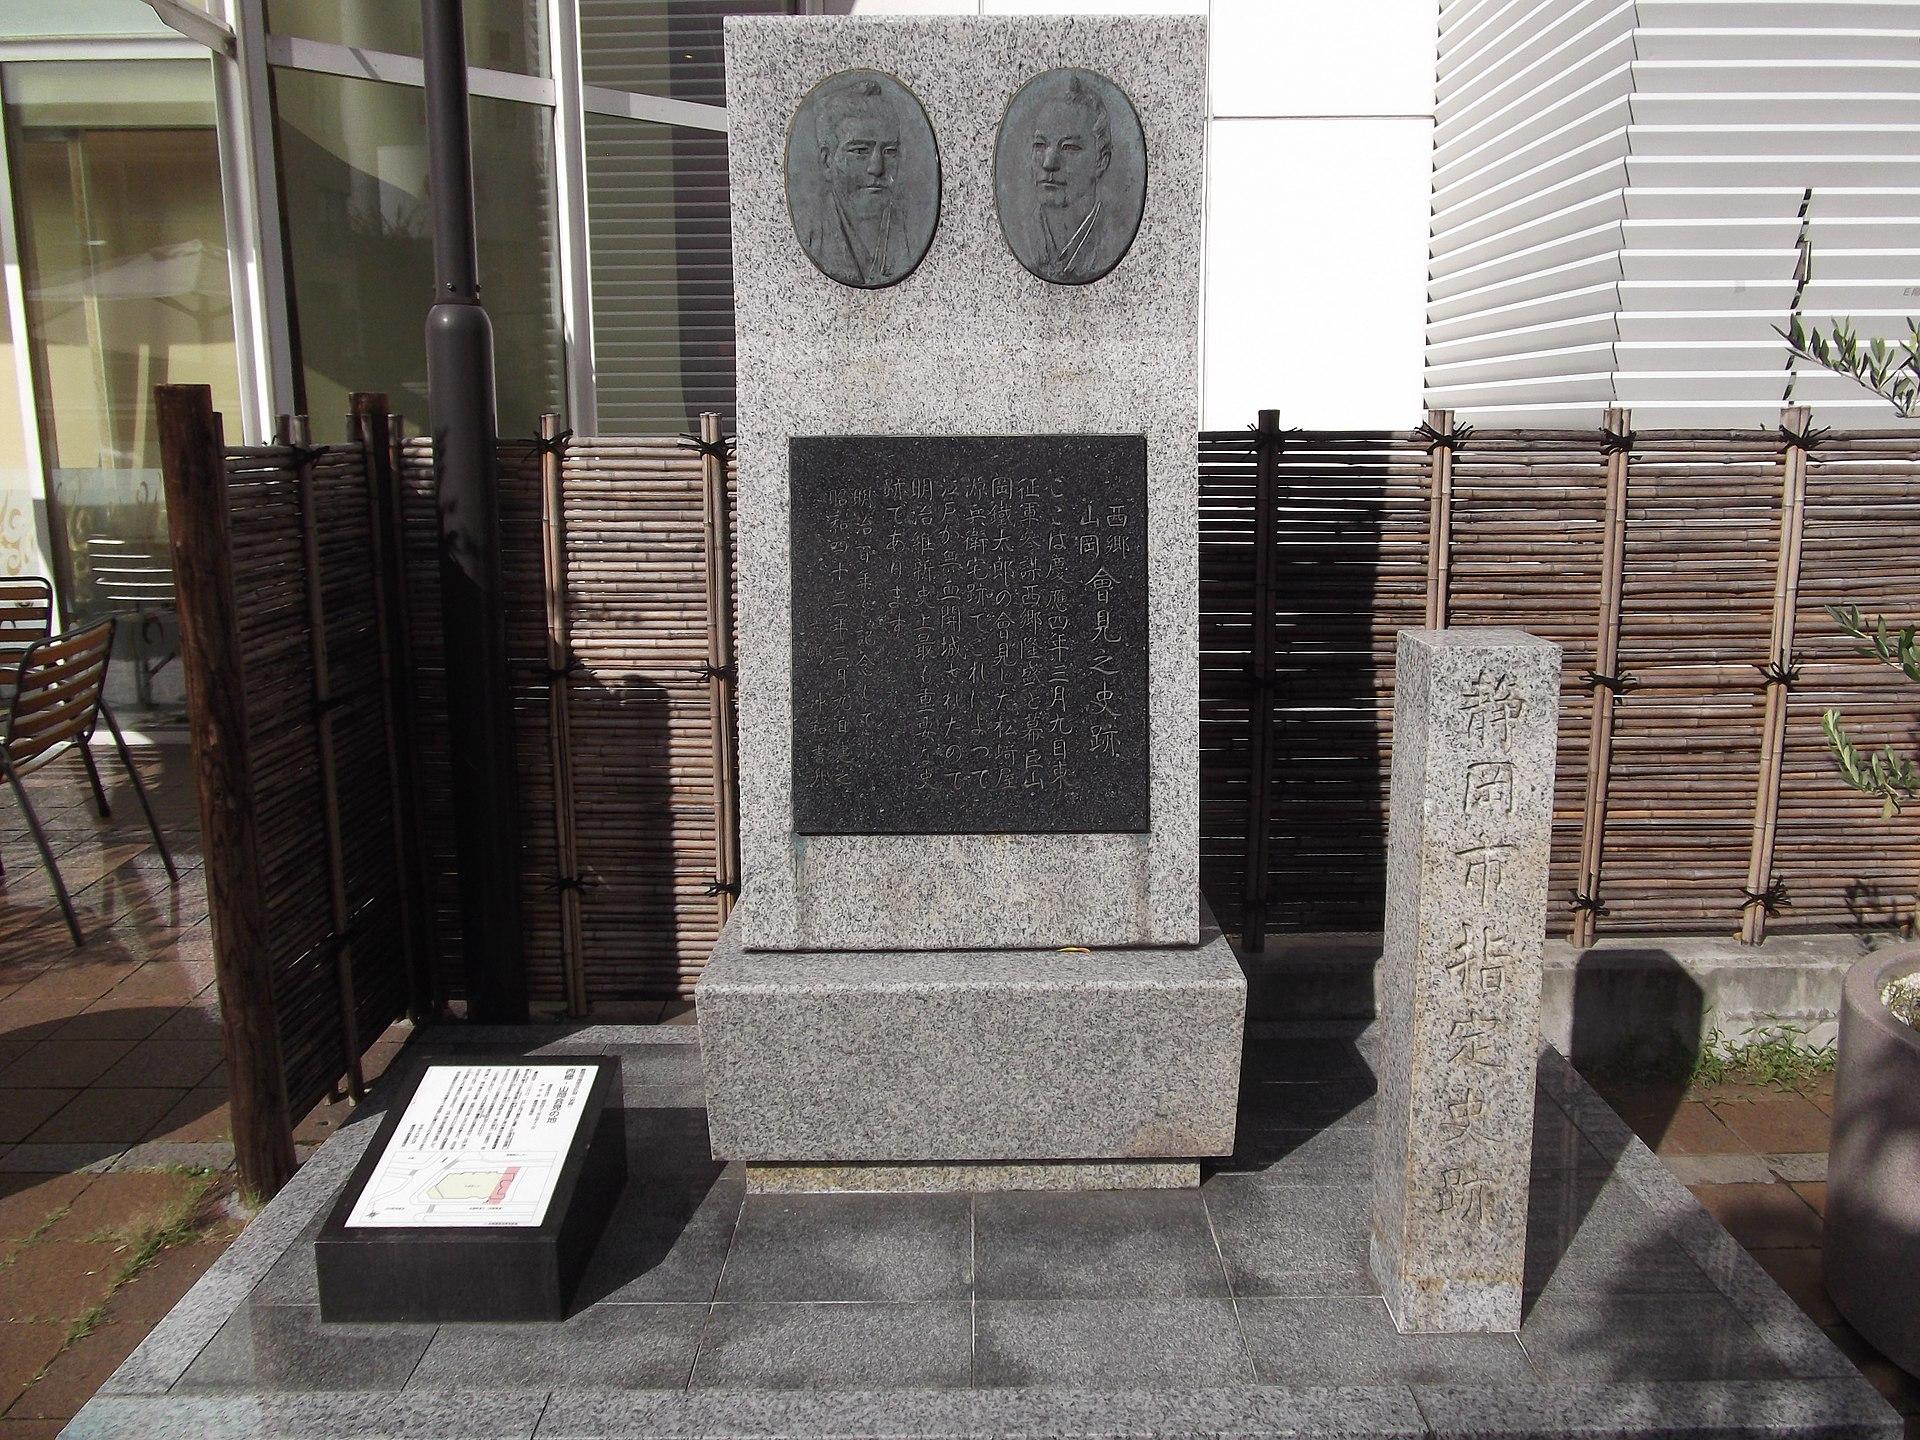 西郷・山岡会見の史跡碑(静岡市葵区)Wikipediaより